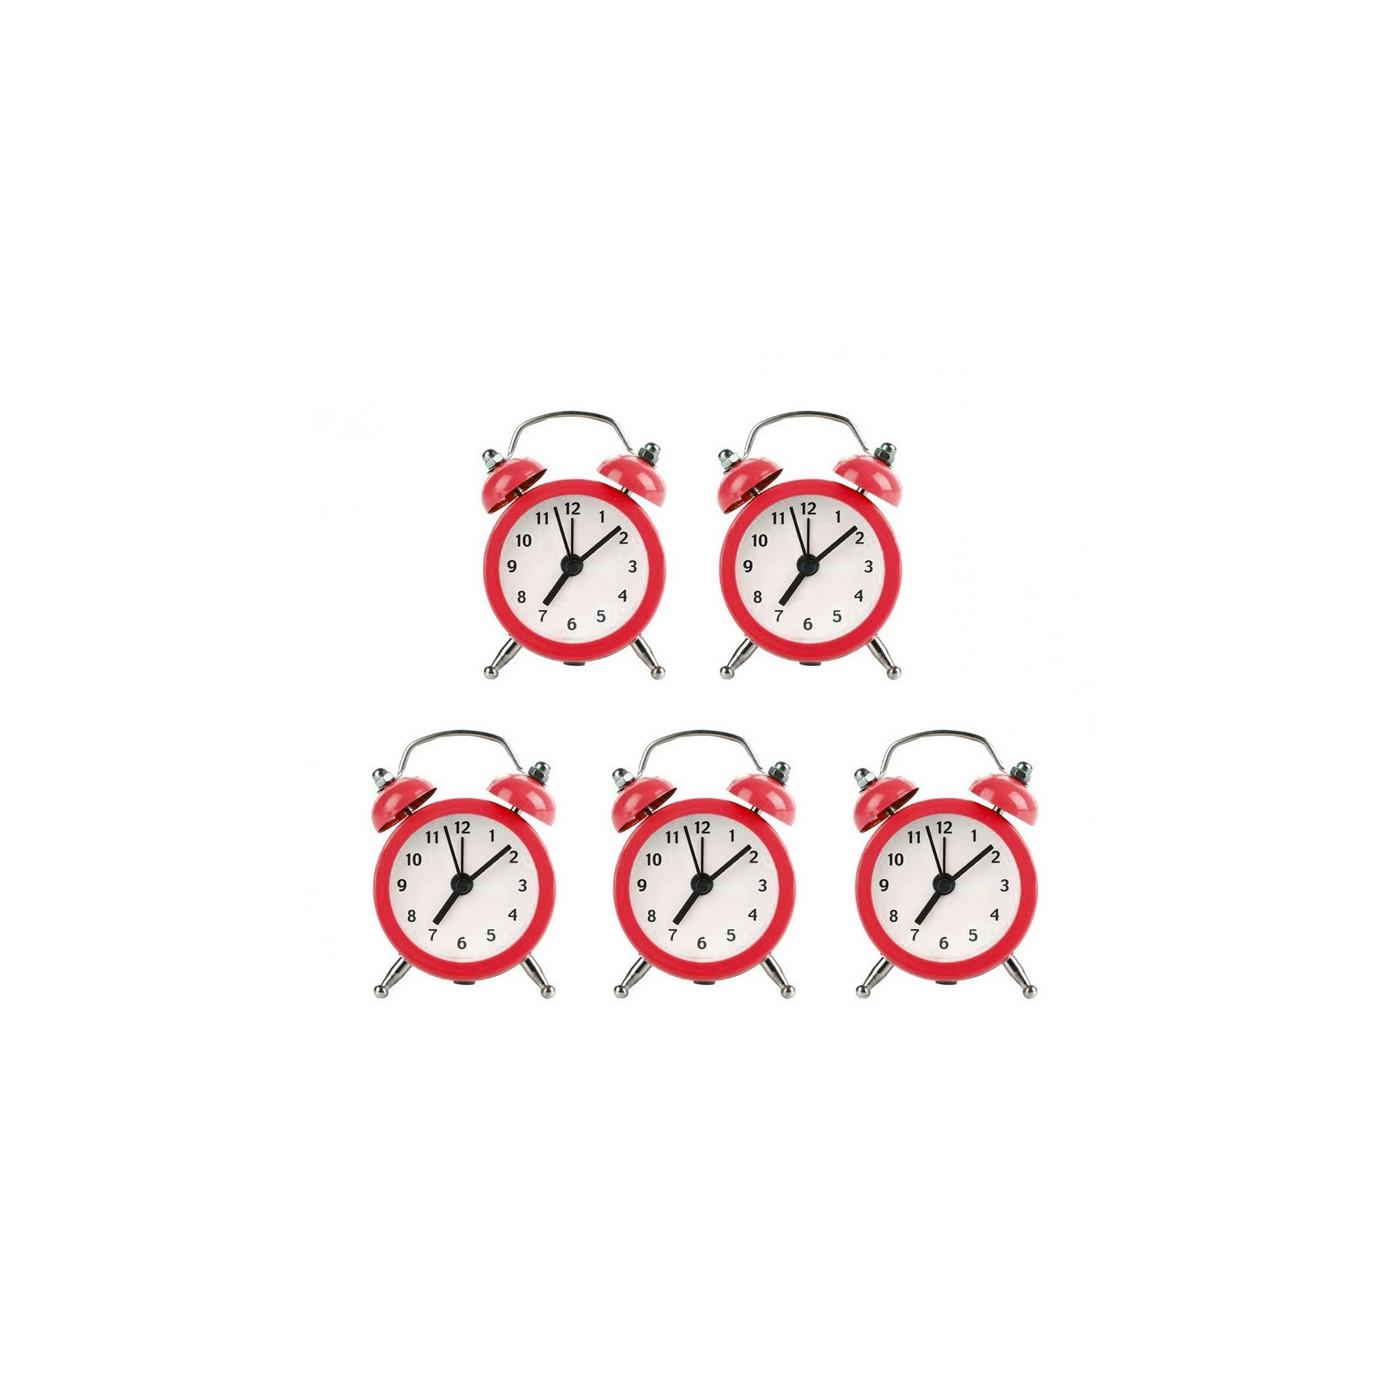 Ensemble de 5 petits réveils rigolos (rouge, pile)  - 1